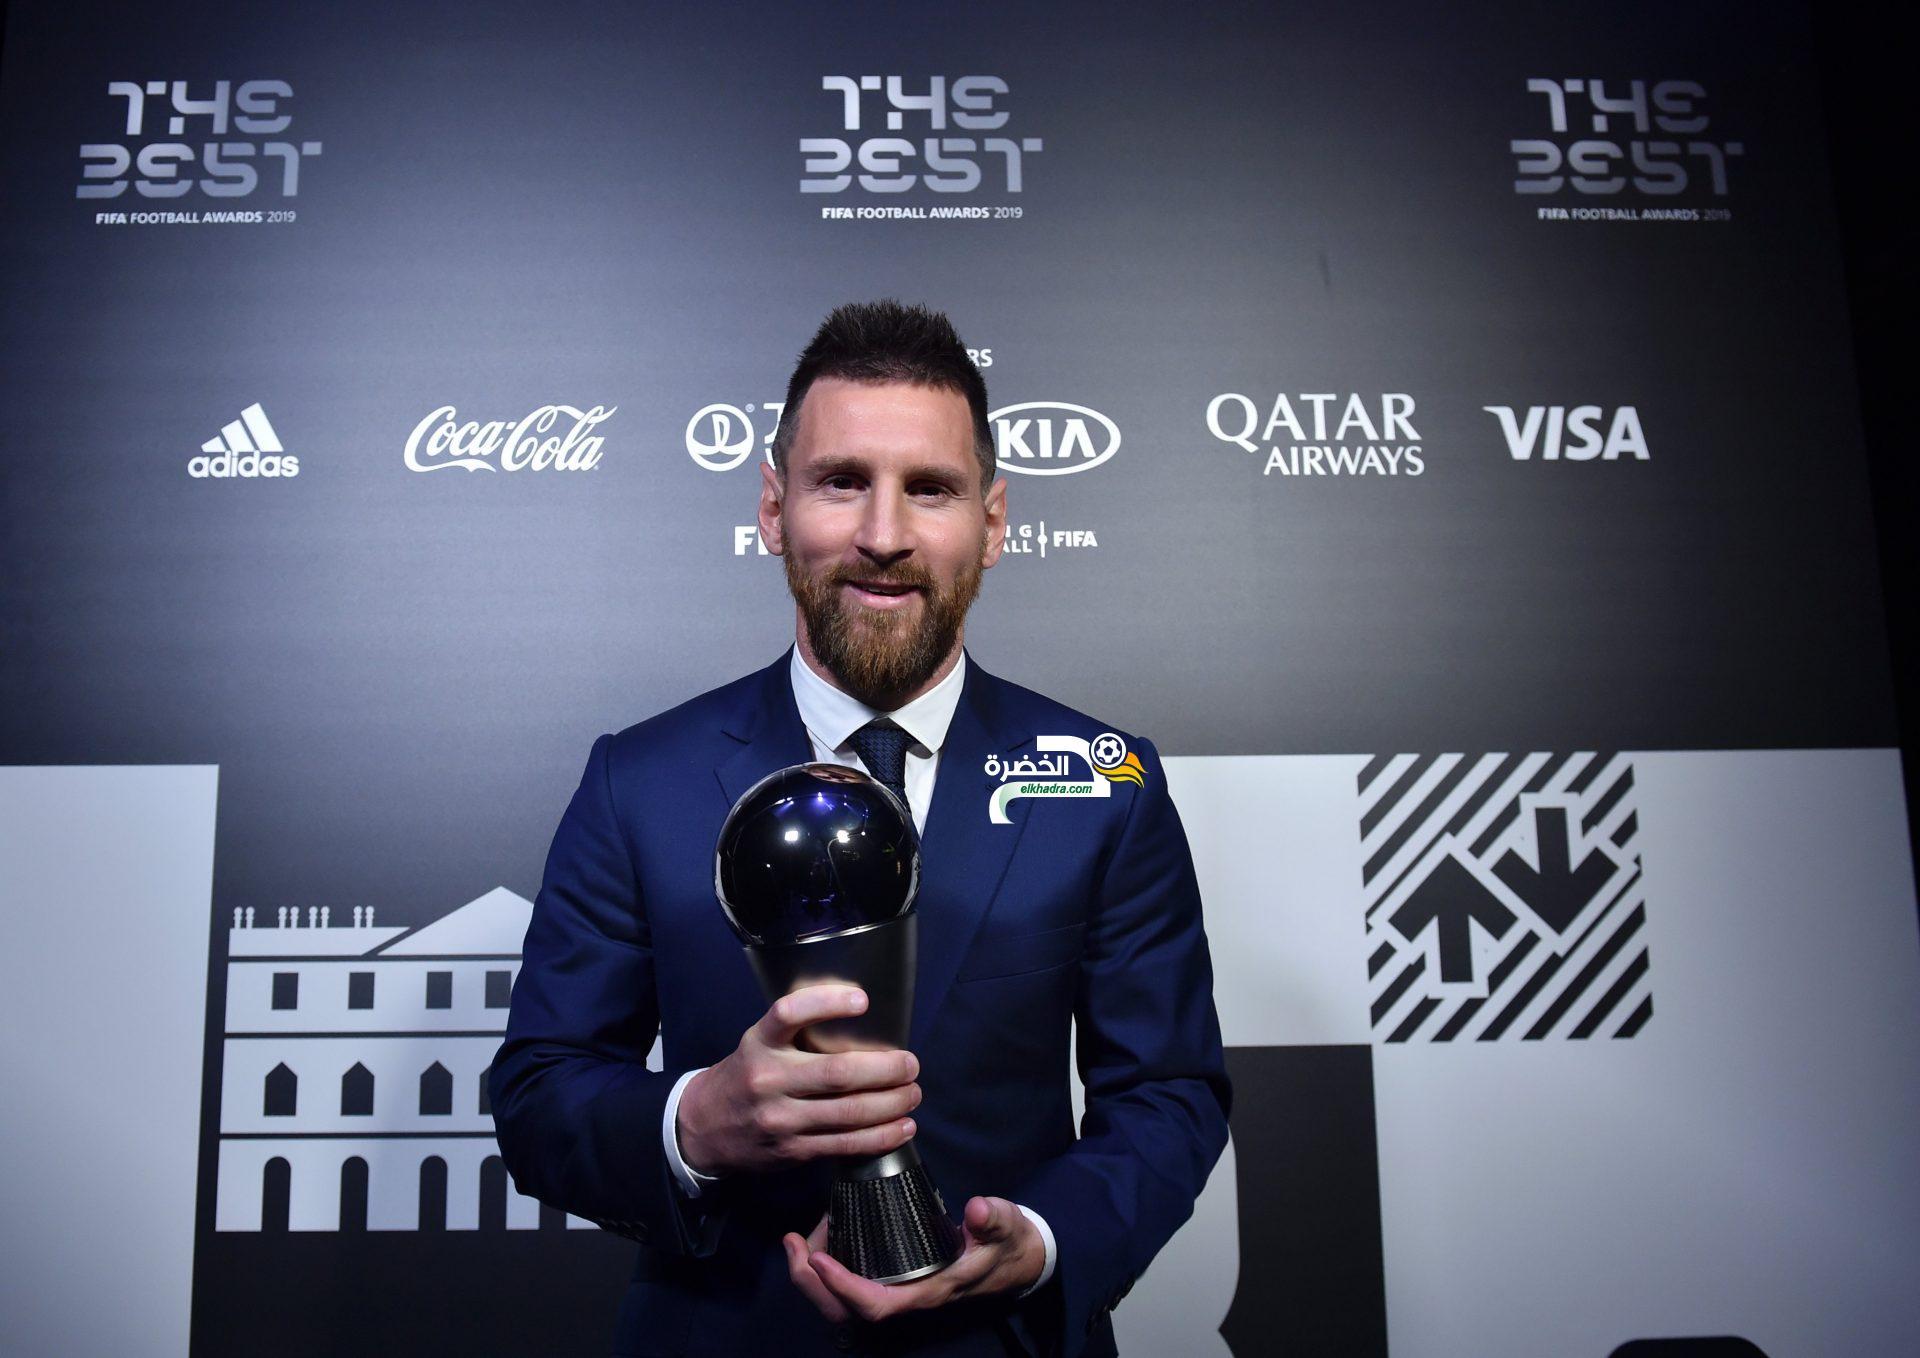 ليونيل ميسي يفوز بجائزة أفضل لاعب في العالم لسنة 2019 24